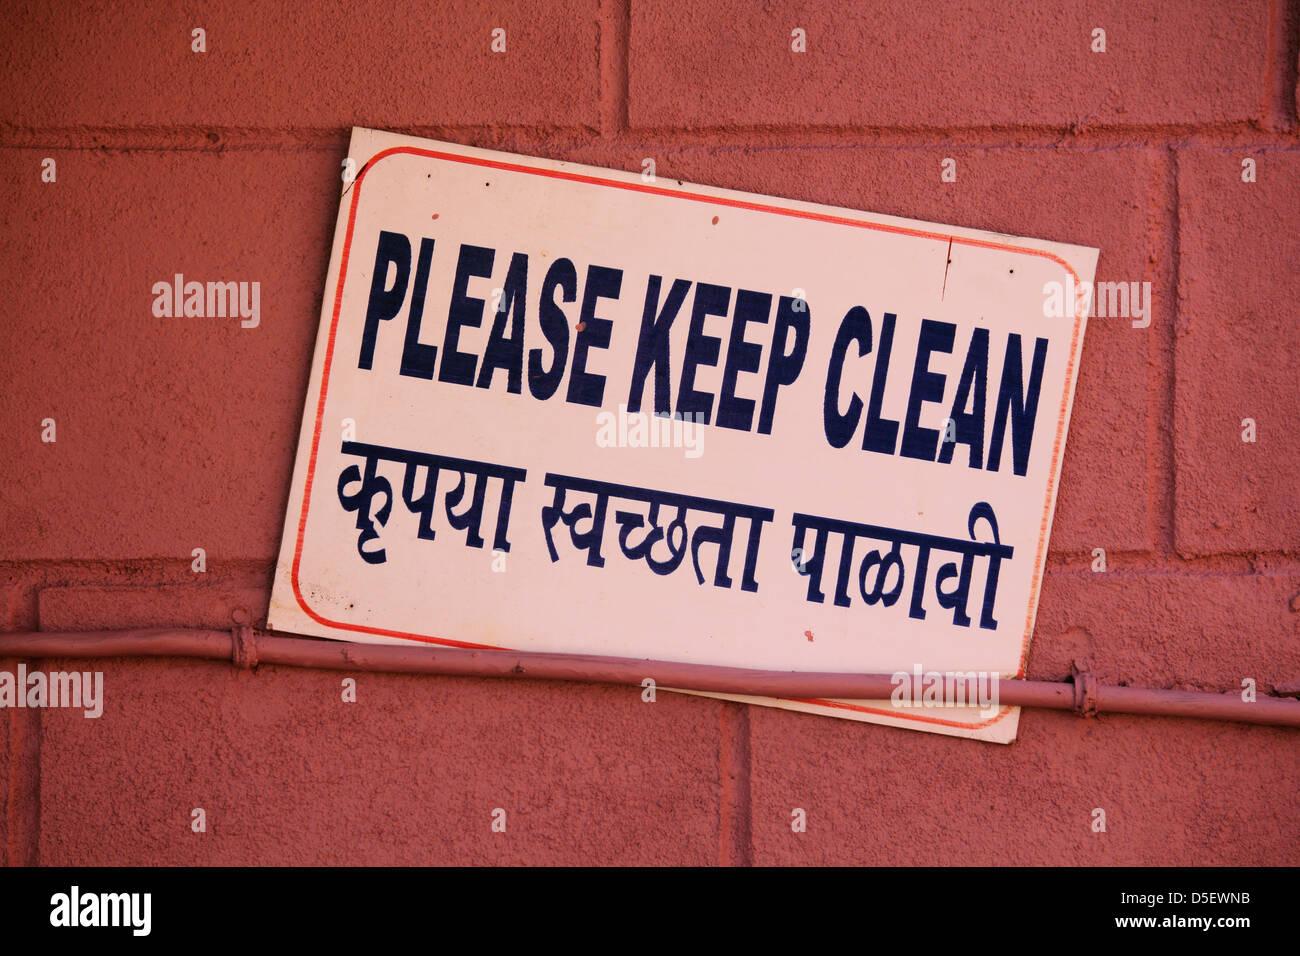 Cartelli Per Tenere Il Bagno Pulito : Cartello tenere pulito il bagno